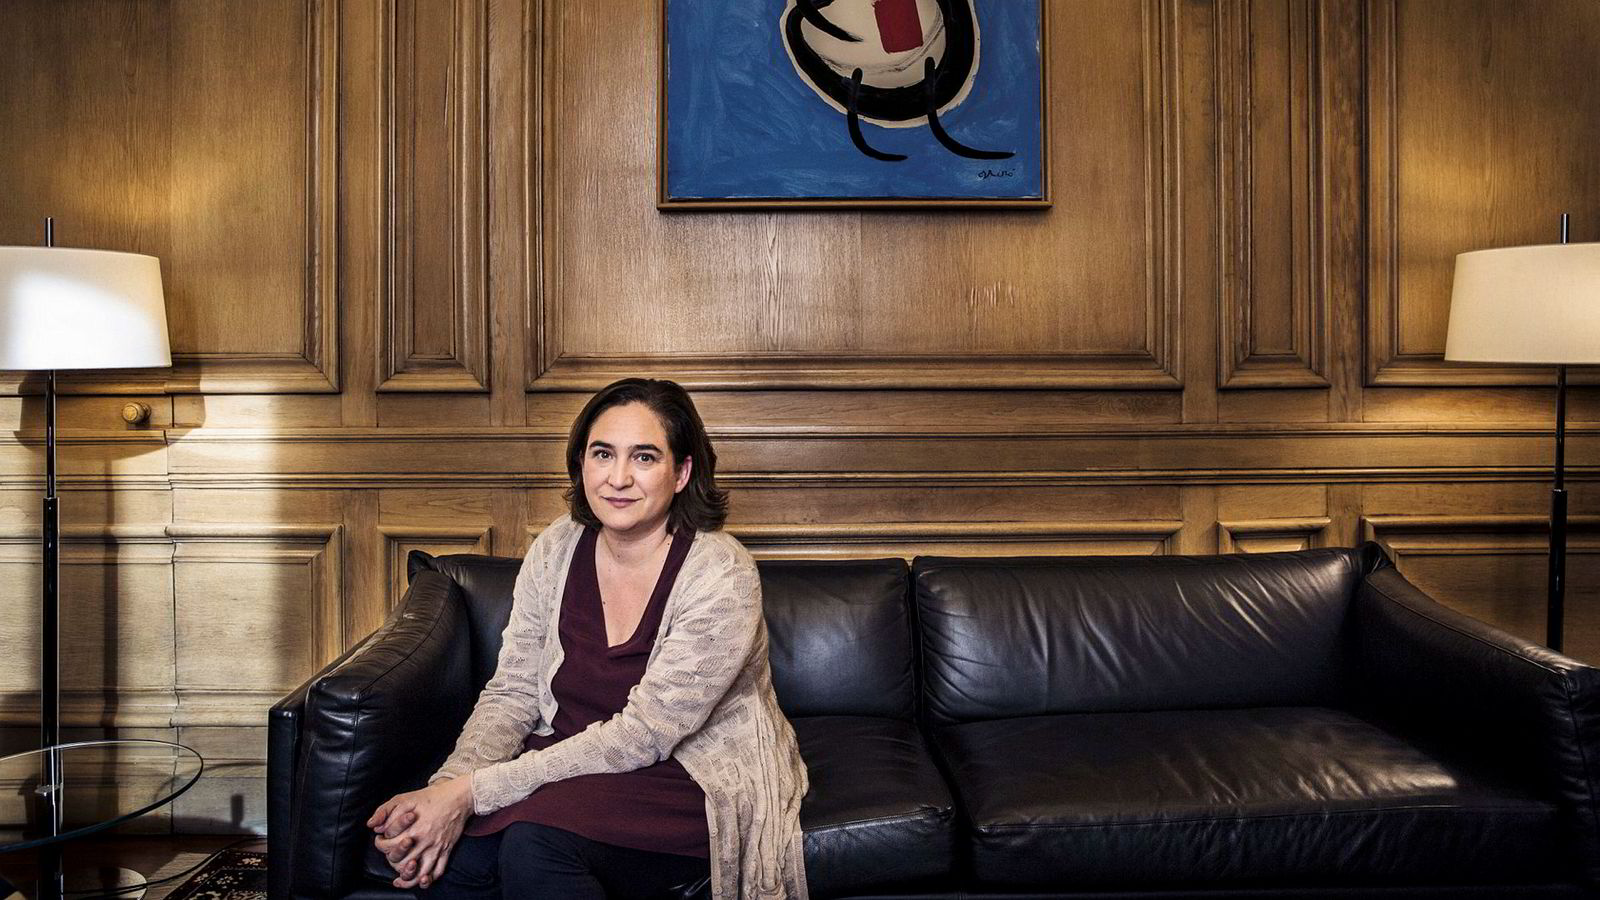 Organisasjonen PAH (Plattformen for låneofre), stiftet av Barcelonas nåværende borgermester Ada Colau, mener Oljefondet burde holdt seg unna en rekke spanske banker og eiendomsselskaper.